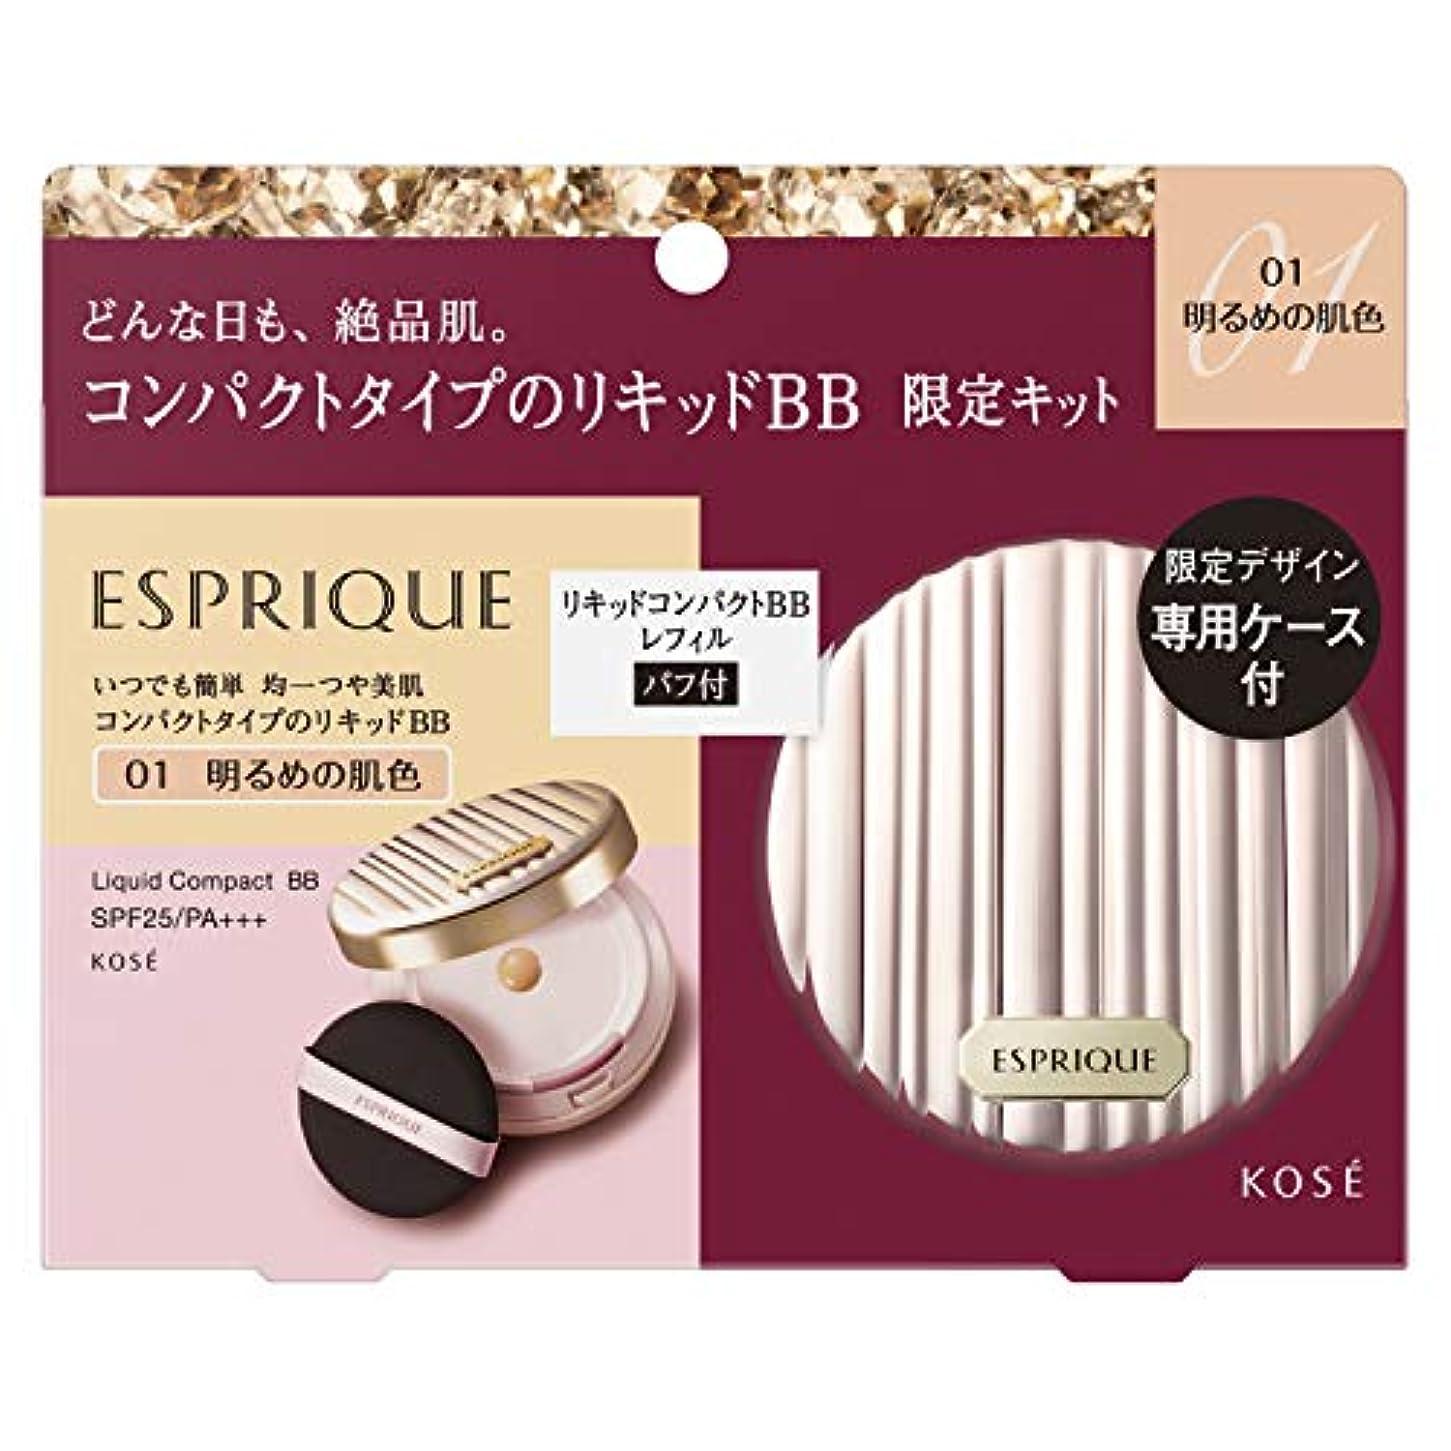 予測子軸耳ESPRIQUE(エスプリーク) エスプリーク リキッド コンパクト BB 限定キット 2 BBクリーム 01 明るめの肌色 セット 13g+ケース付き